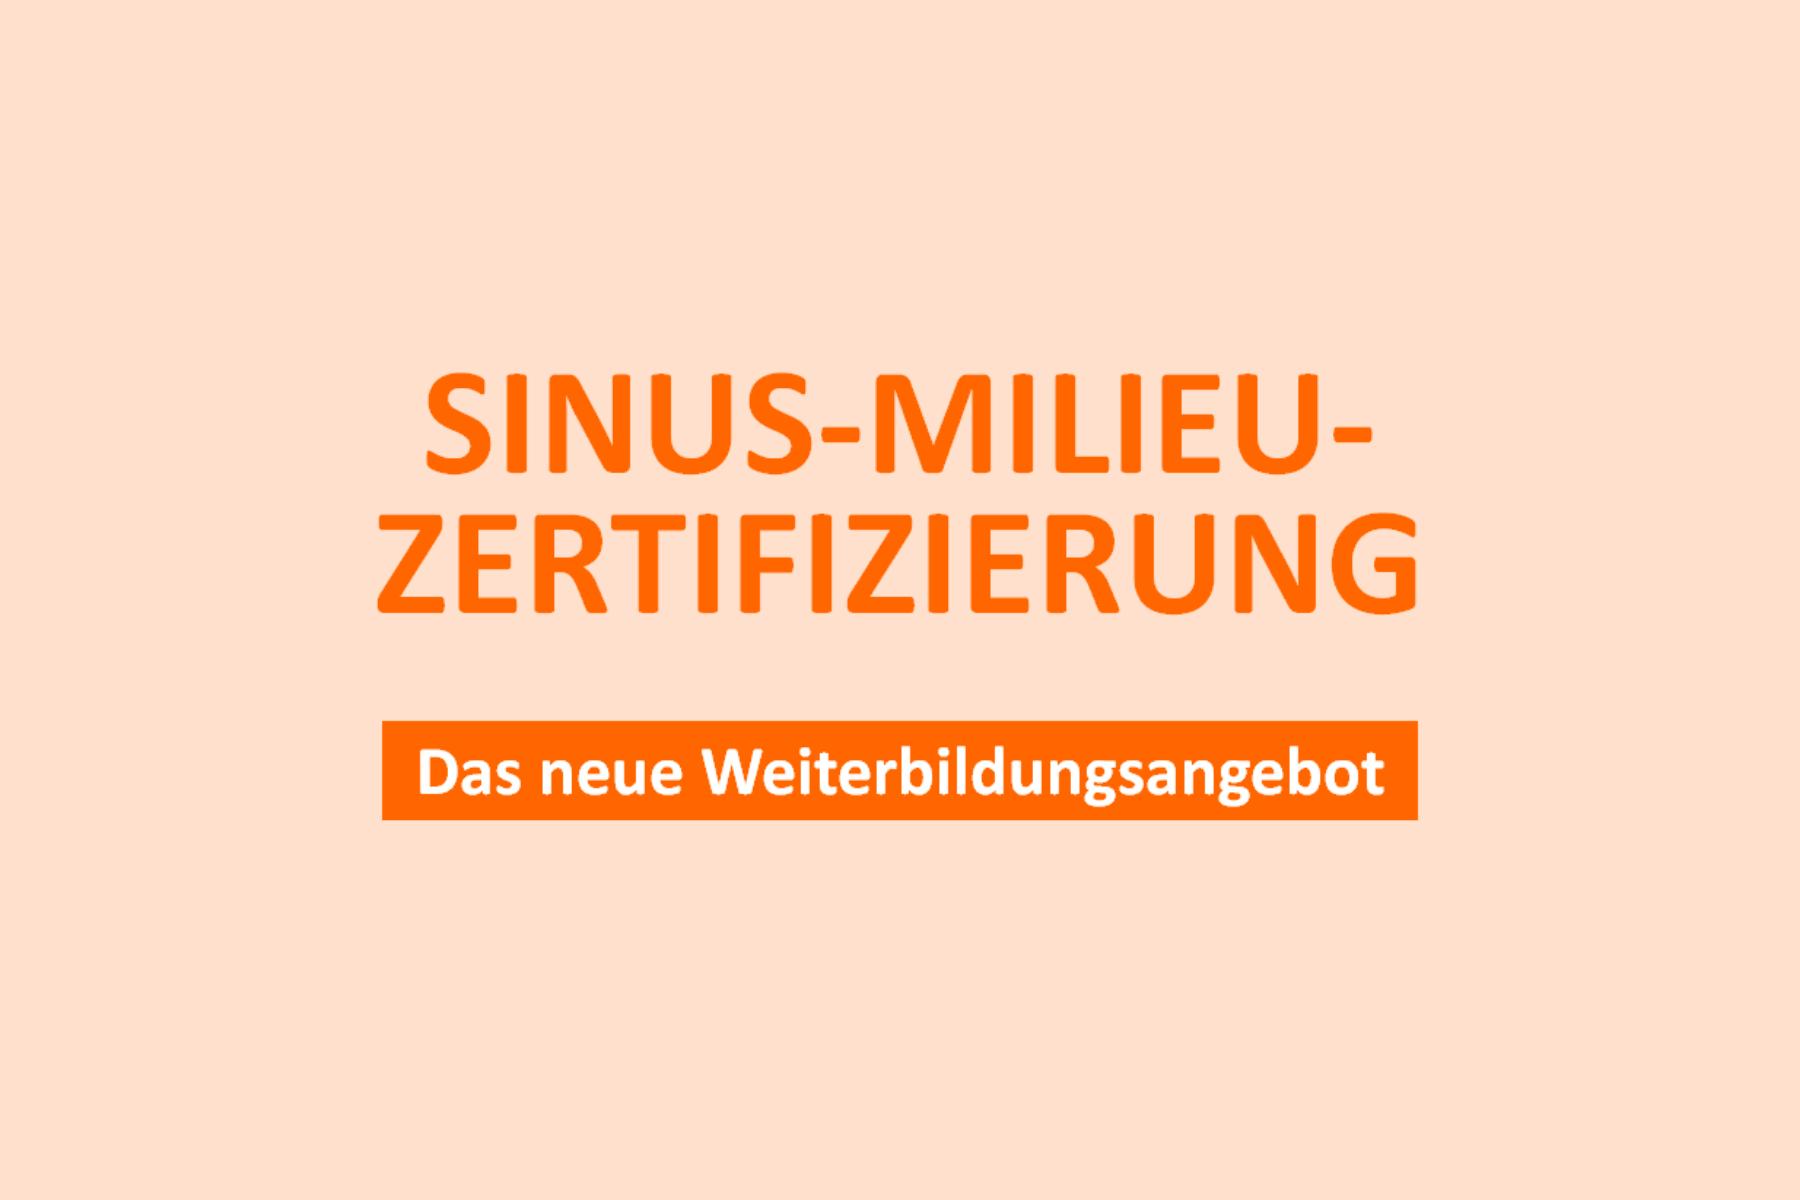 Sinus-Milieu-Zertifizierung – Das neue Weiterbildungsangebot